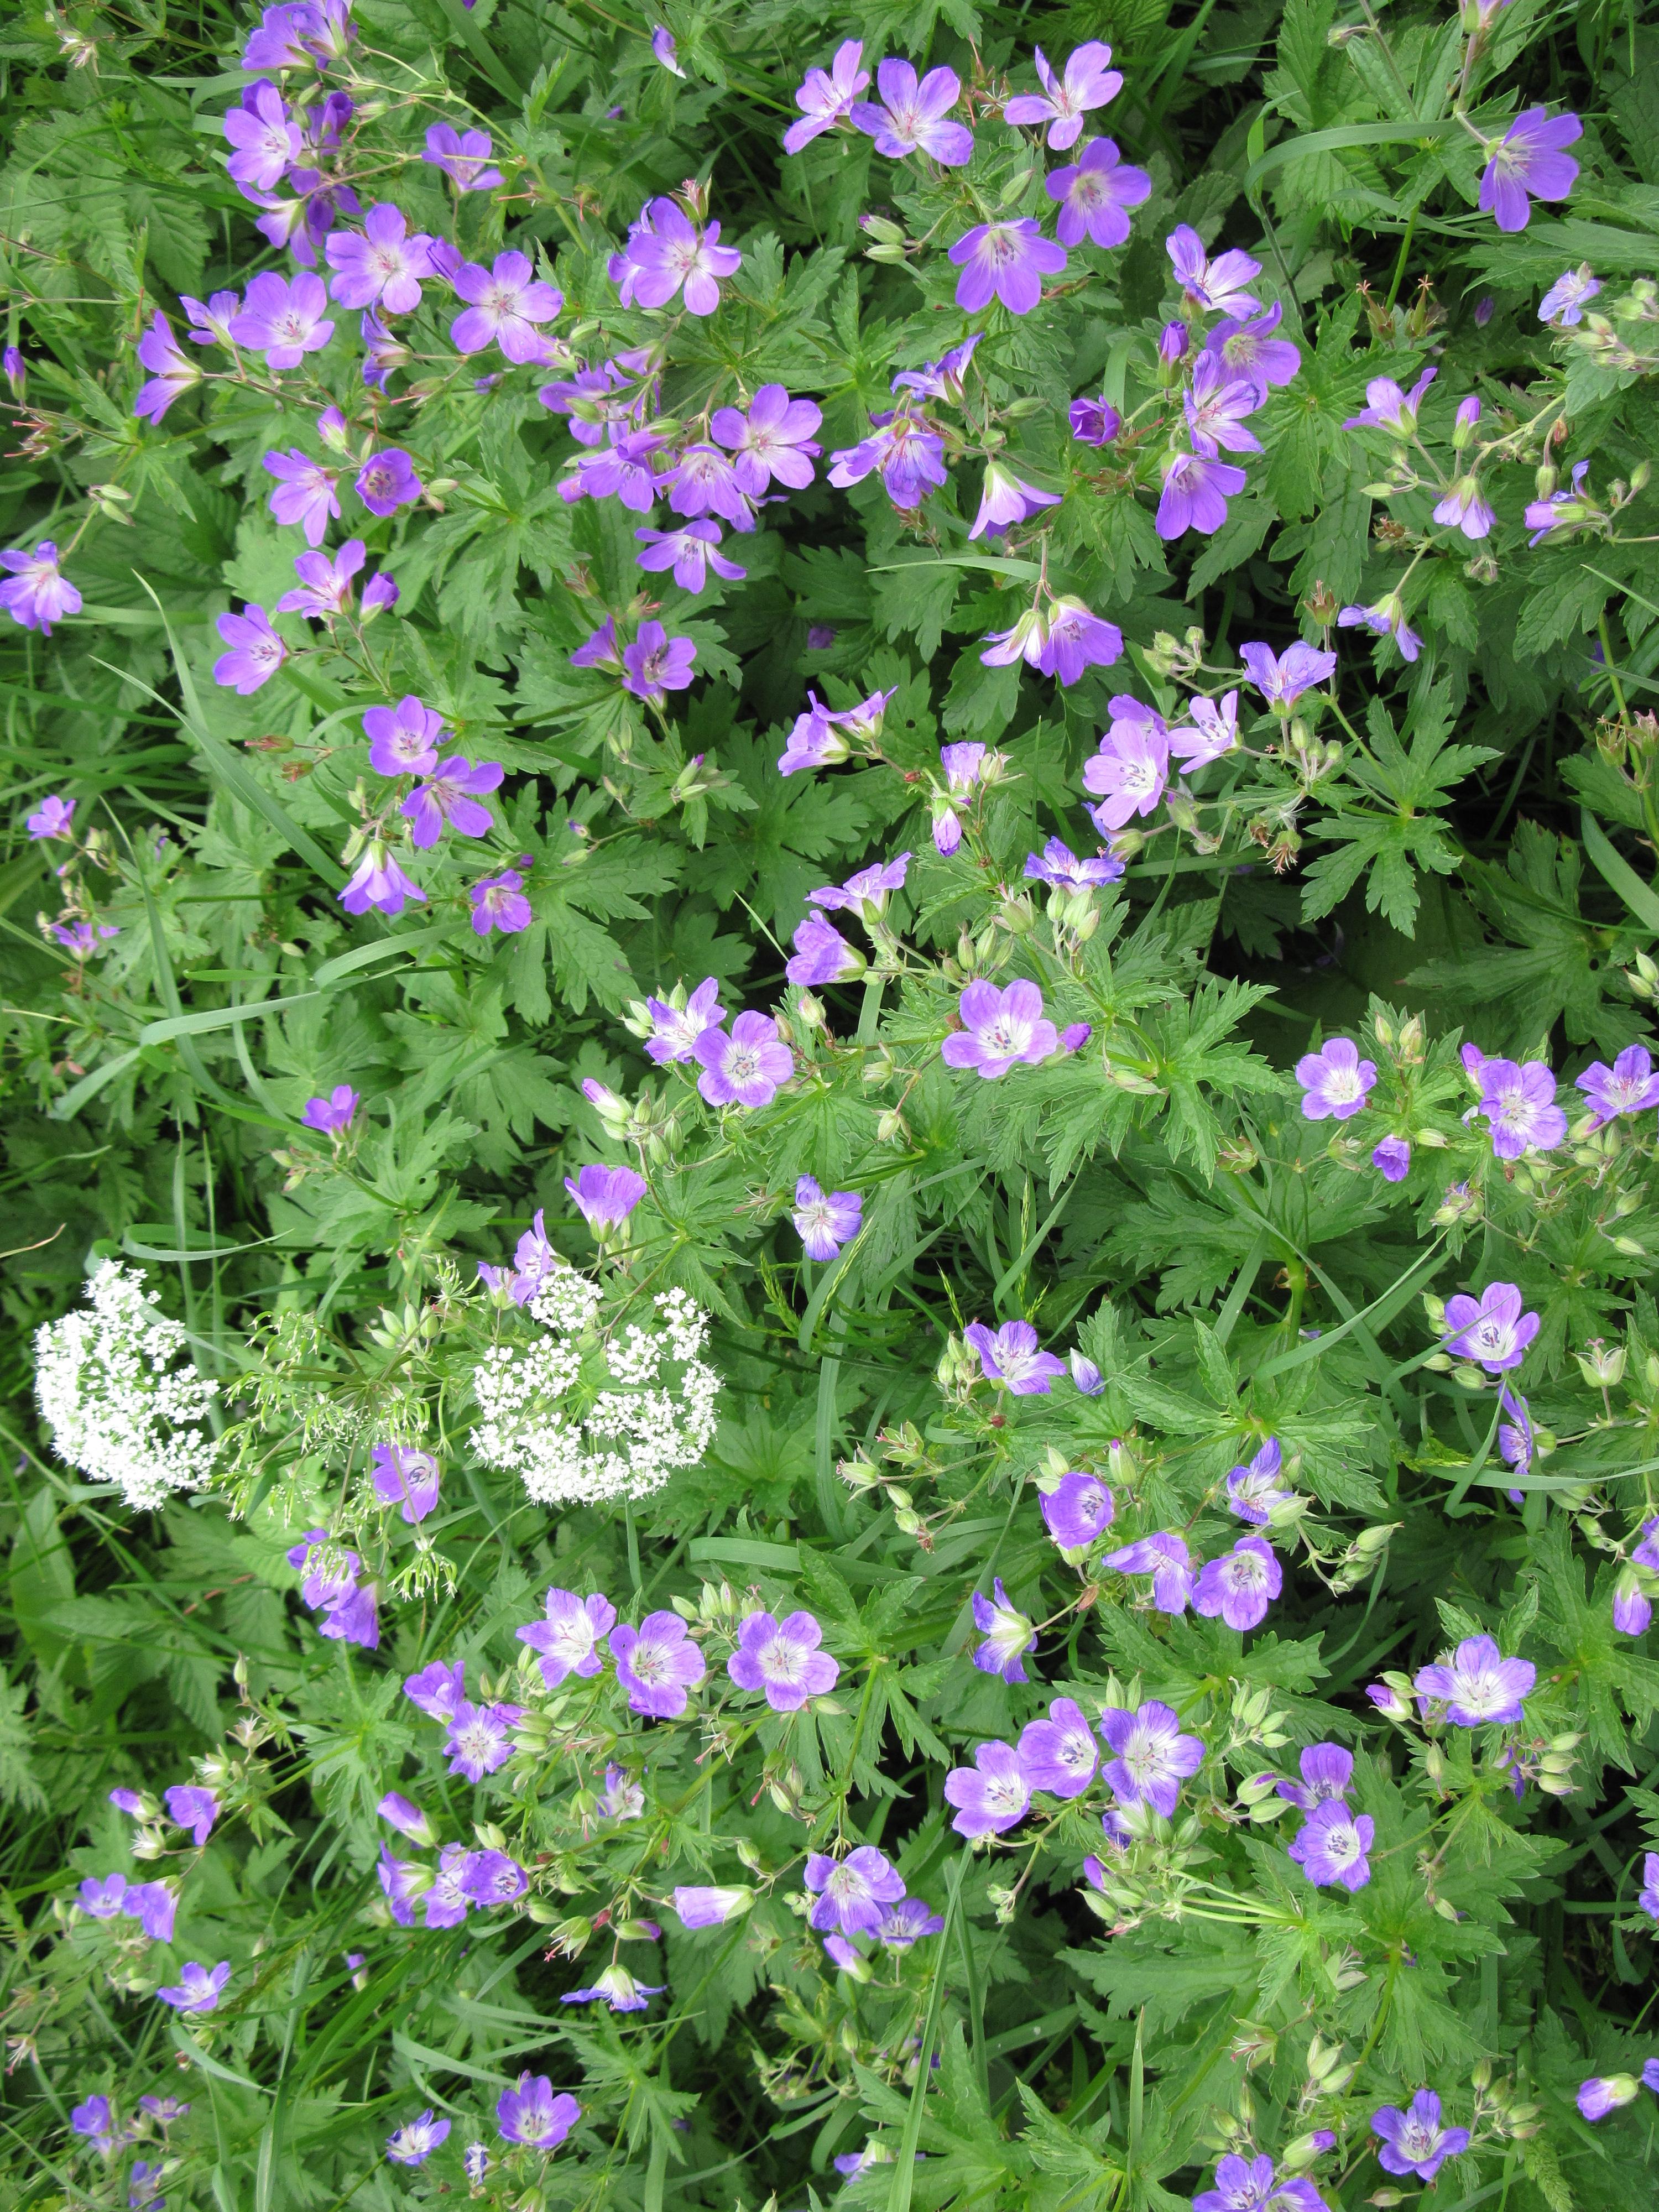 foto in hoher aufl sung wiesen storchschnabel flora natur im austria forum. Black Bedroom Furniture Sets. Home Design Ideas